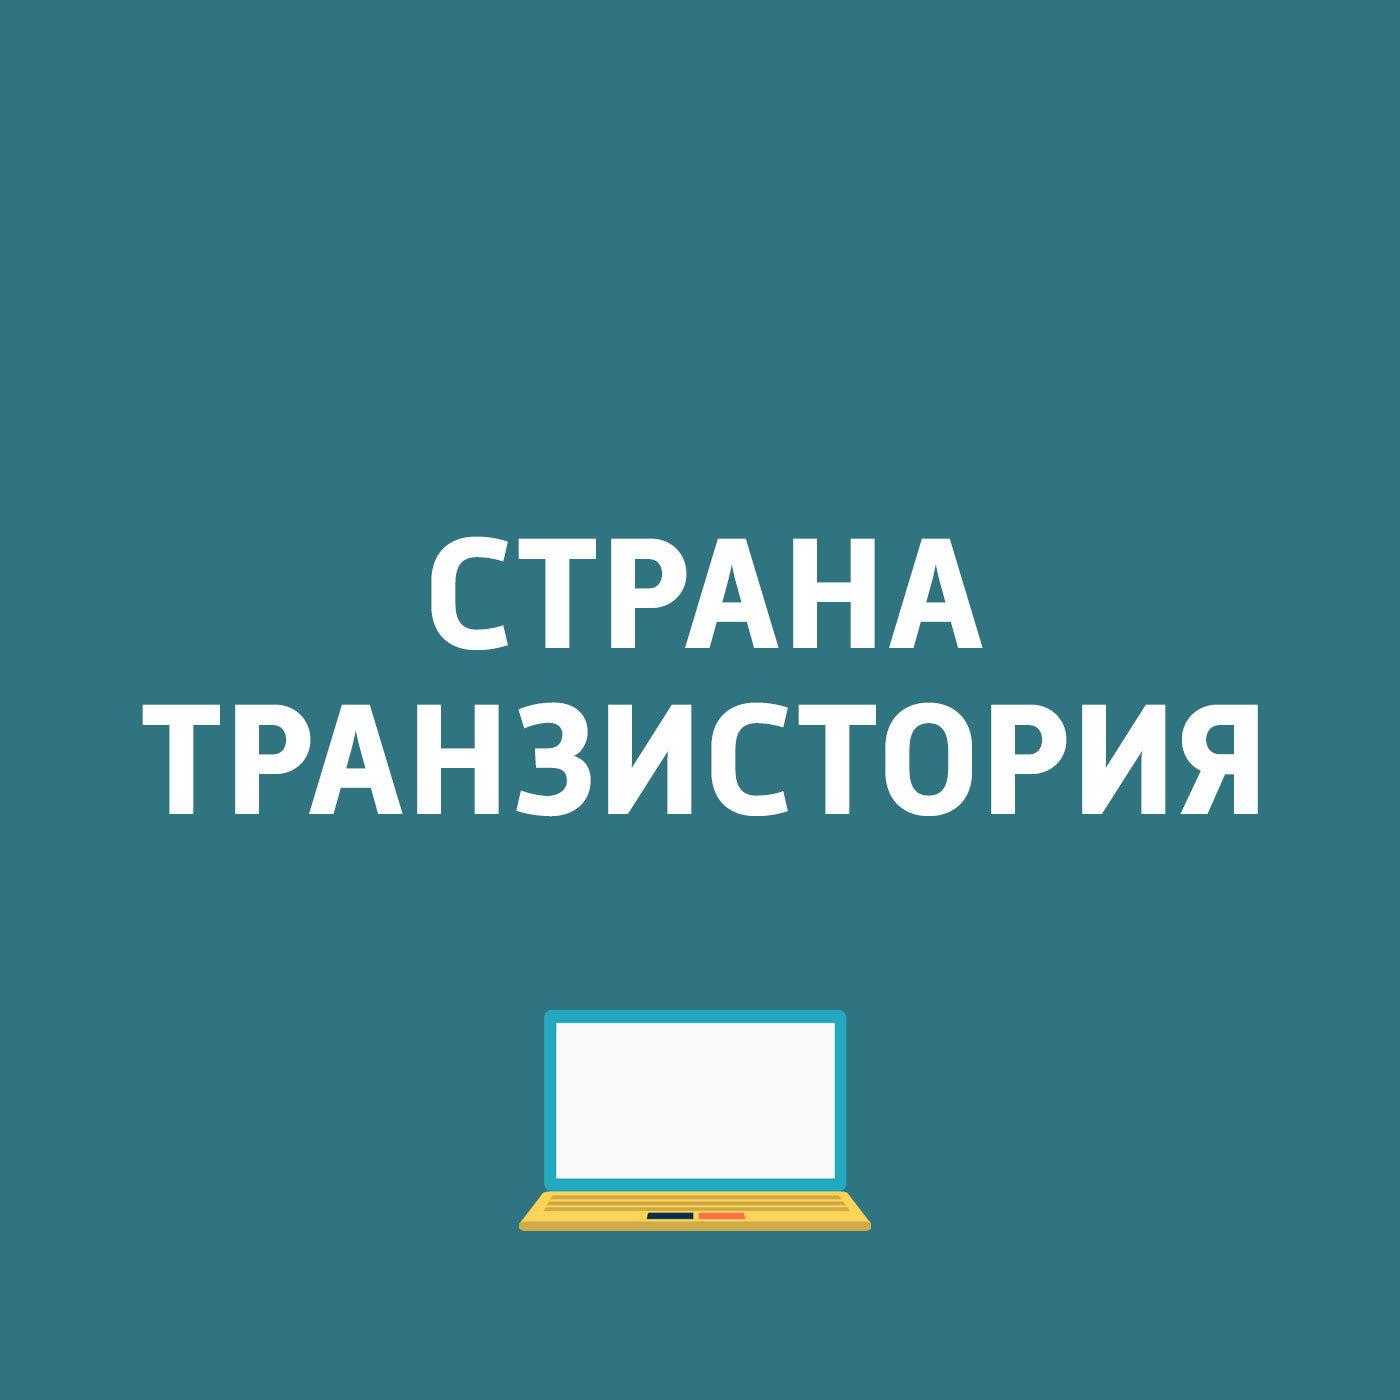 Картаев Павел Компания Яндекс объявила о запуске новой тестовой зоны для своего беспилотного такси картаев павел обзор iphone x на youtube badoo определил самого популярного российского мужчину